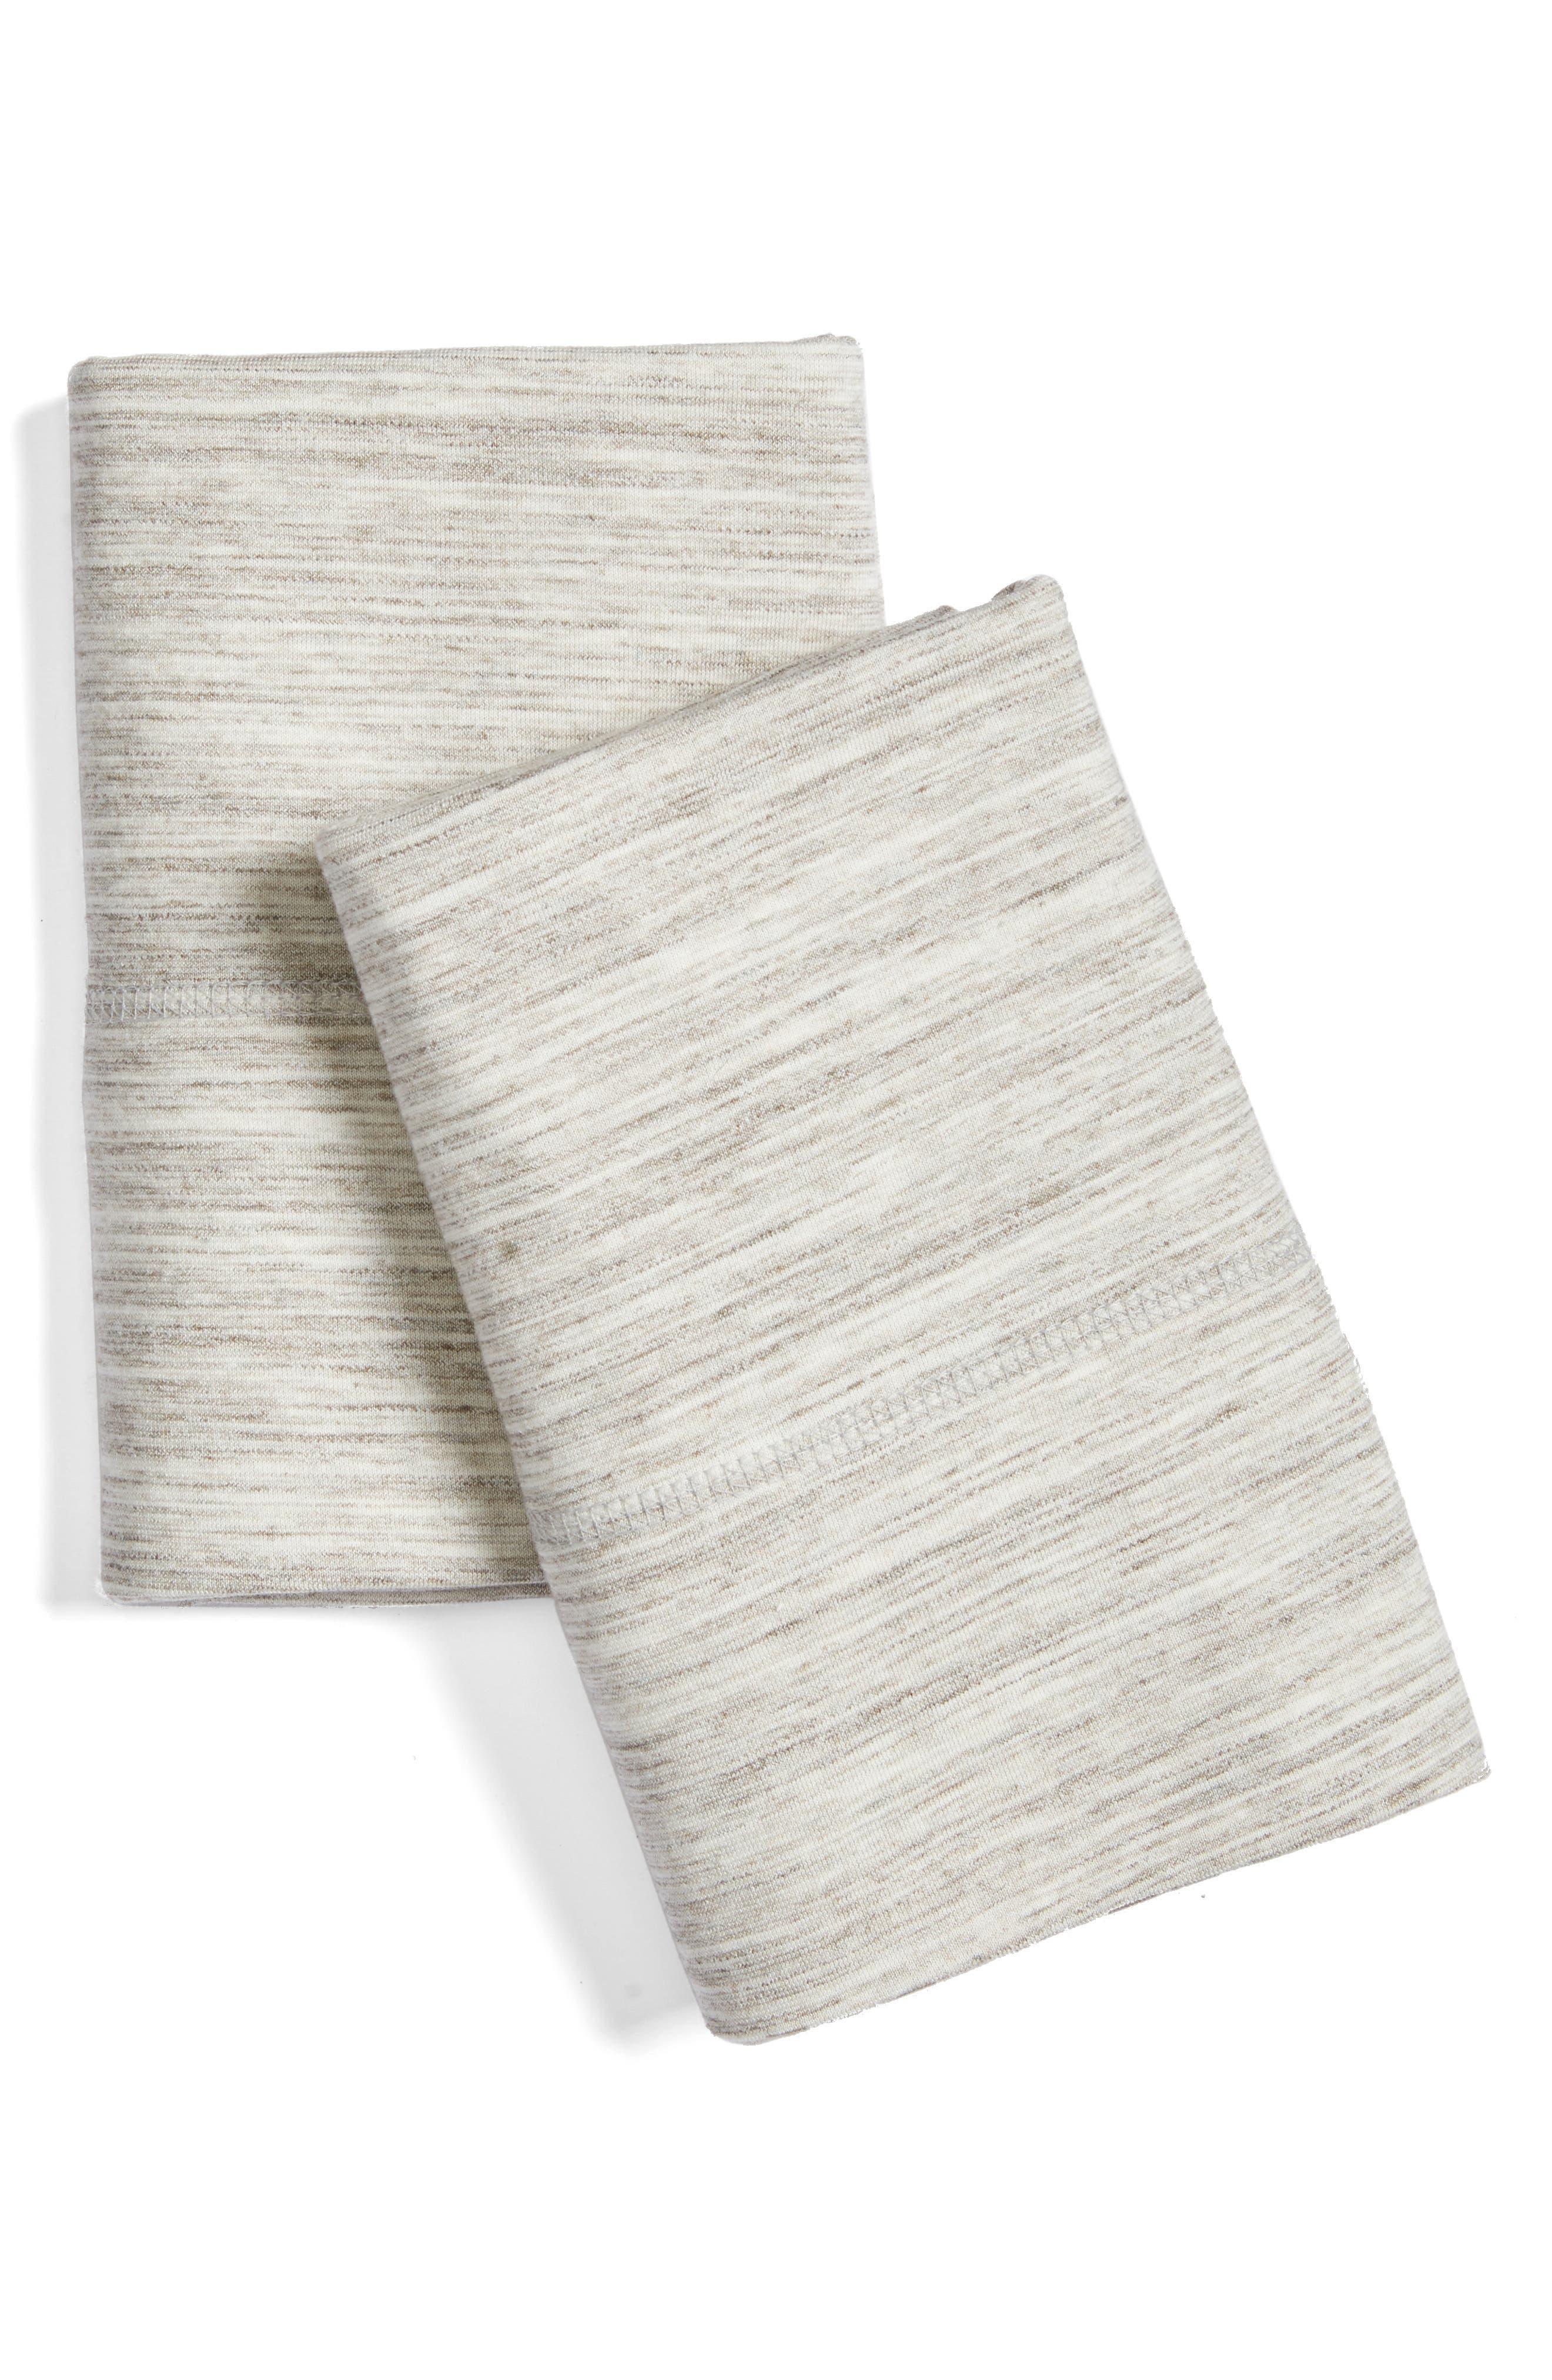 Strata Pillowcases,                             Main thumbnail 1, color,                             250